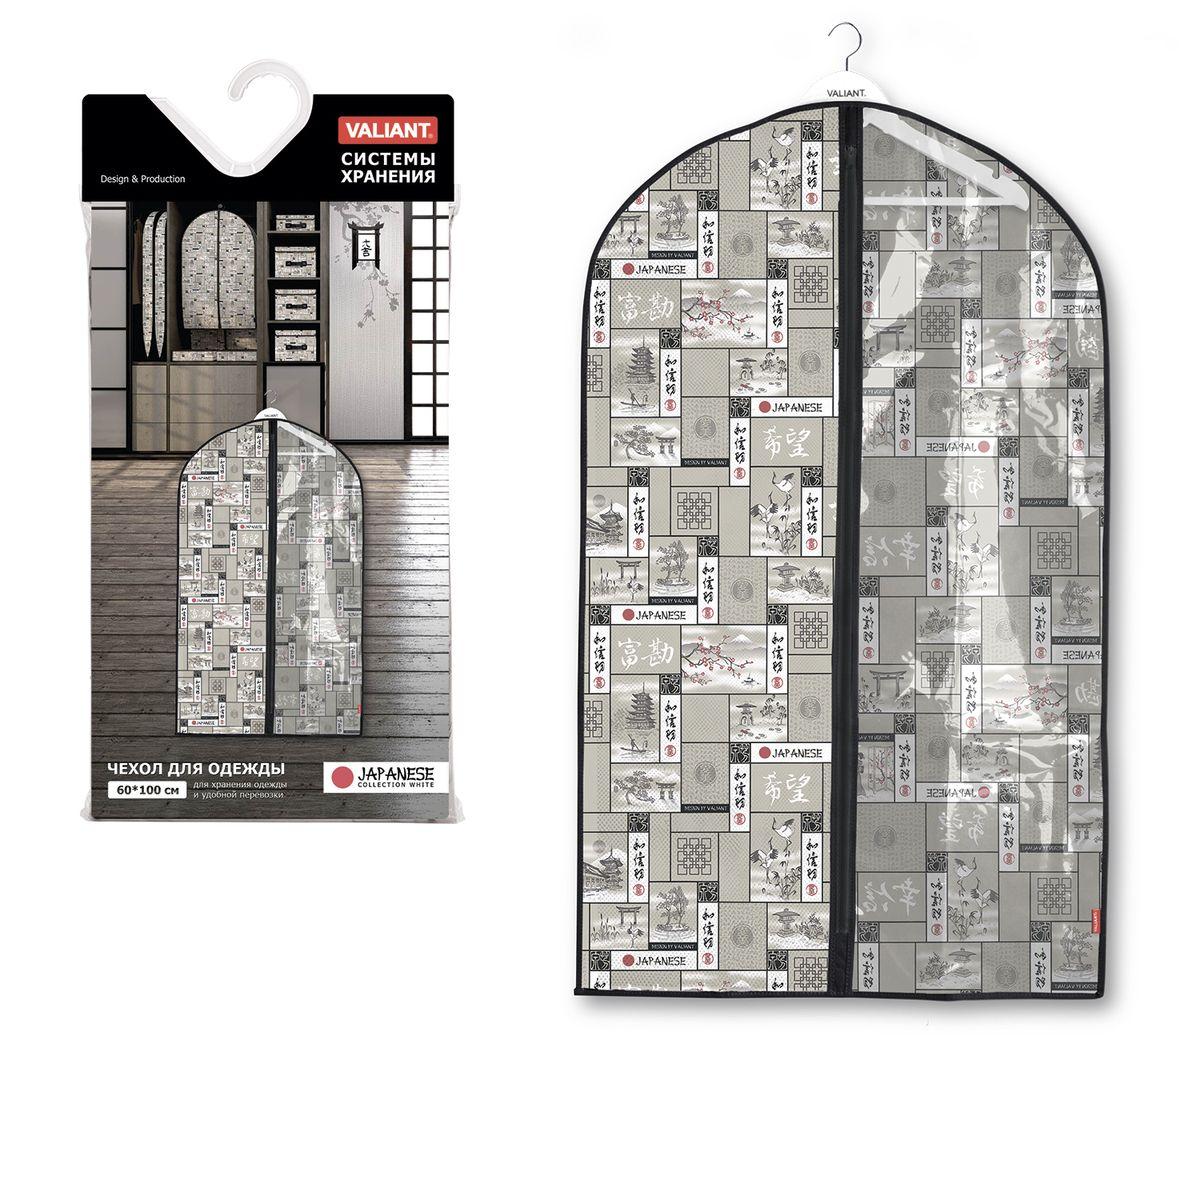 Чехол для одежды Valiant Japanese Black, с прозрачной вставкой, 60 х 100 х 10 см41619Чехол для одежды Valiant Japanese Black изготовлен из высококачественного нетканого материала, который обеспечивает естественную вентиляцию, позволяя воздуху проникать внутрь, но не пропускает пыль. Чехол очень удобен в использовании. Специальная прозрачная вставка позволяет видеть содержимое внутри чехла, не открывая его. Чехол легко открывается и закрывается застежкой-молнией. Идеально подойдет для хранения одежды и удобной перевозки.